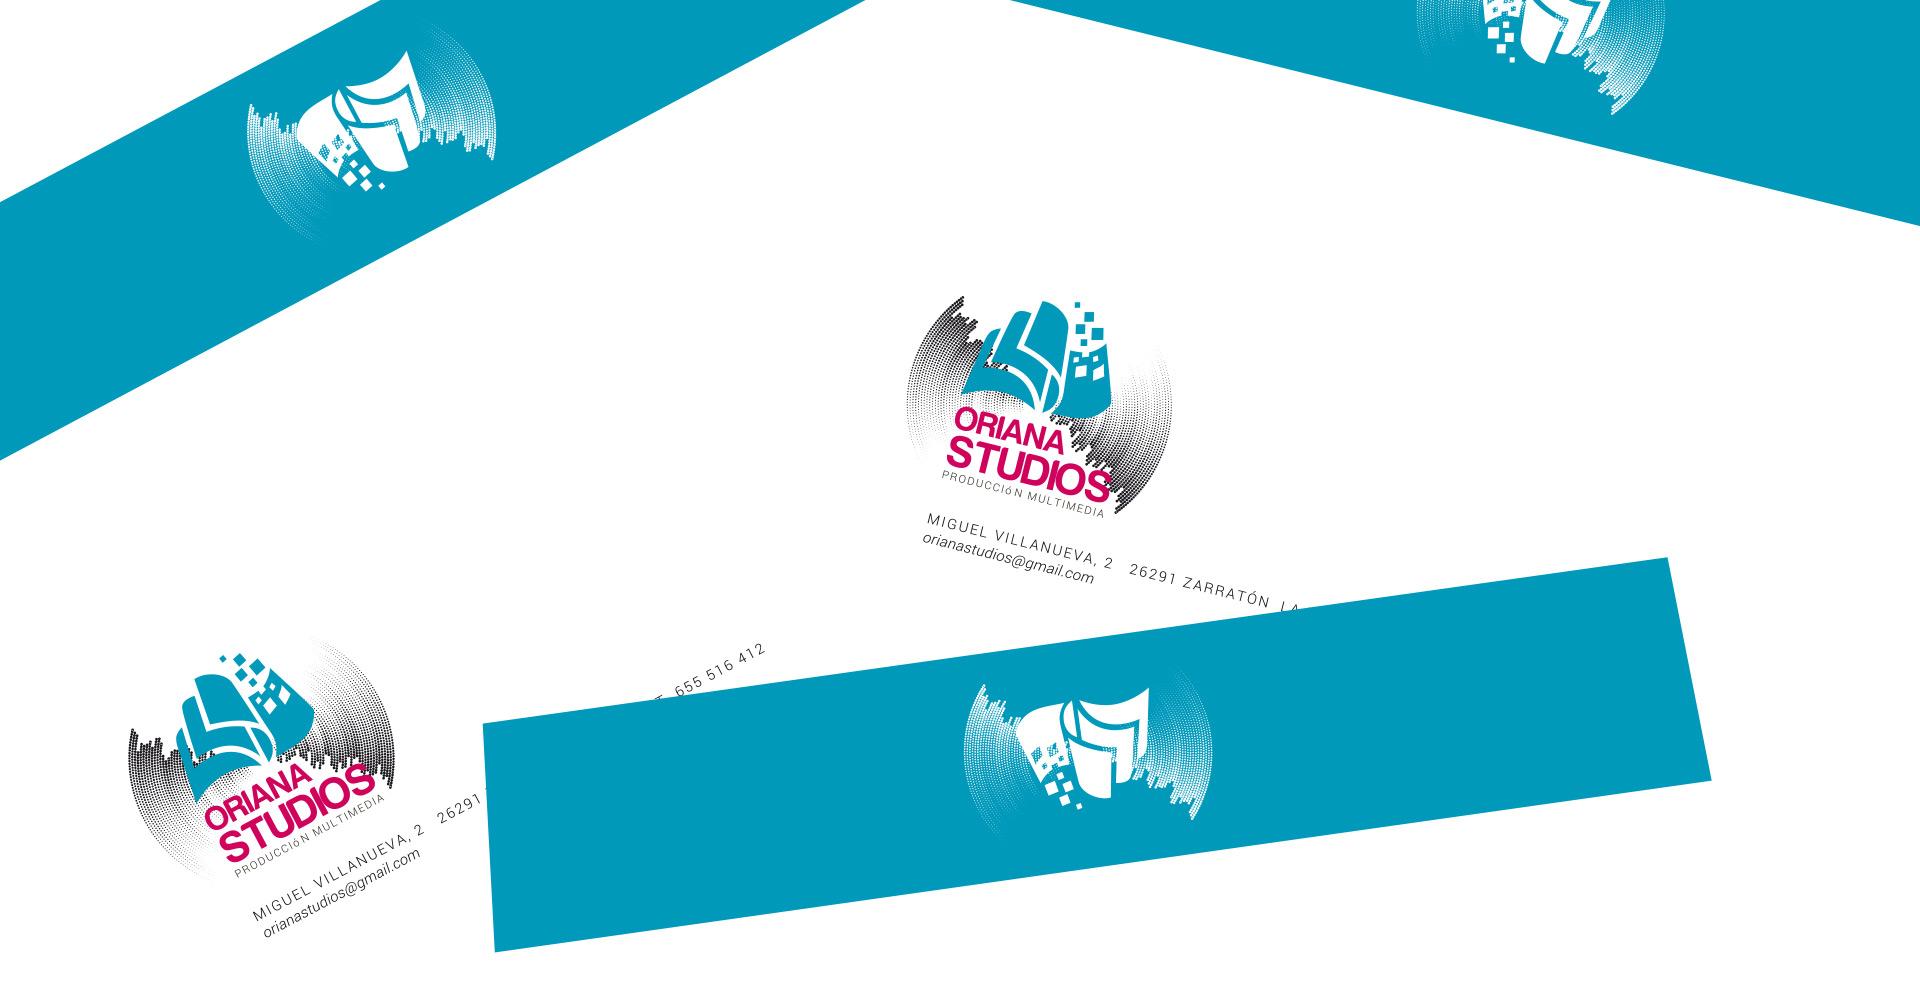 oriana_estudios-produccion_multimedia-cabecera